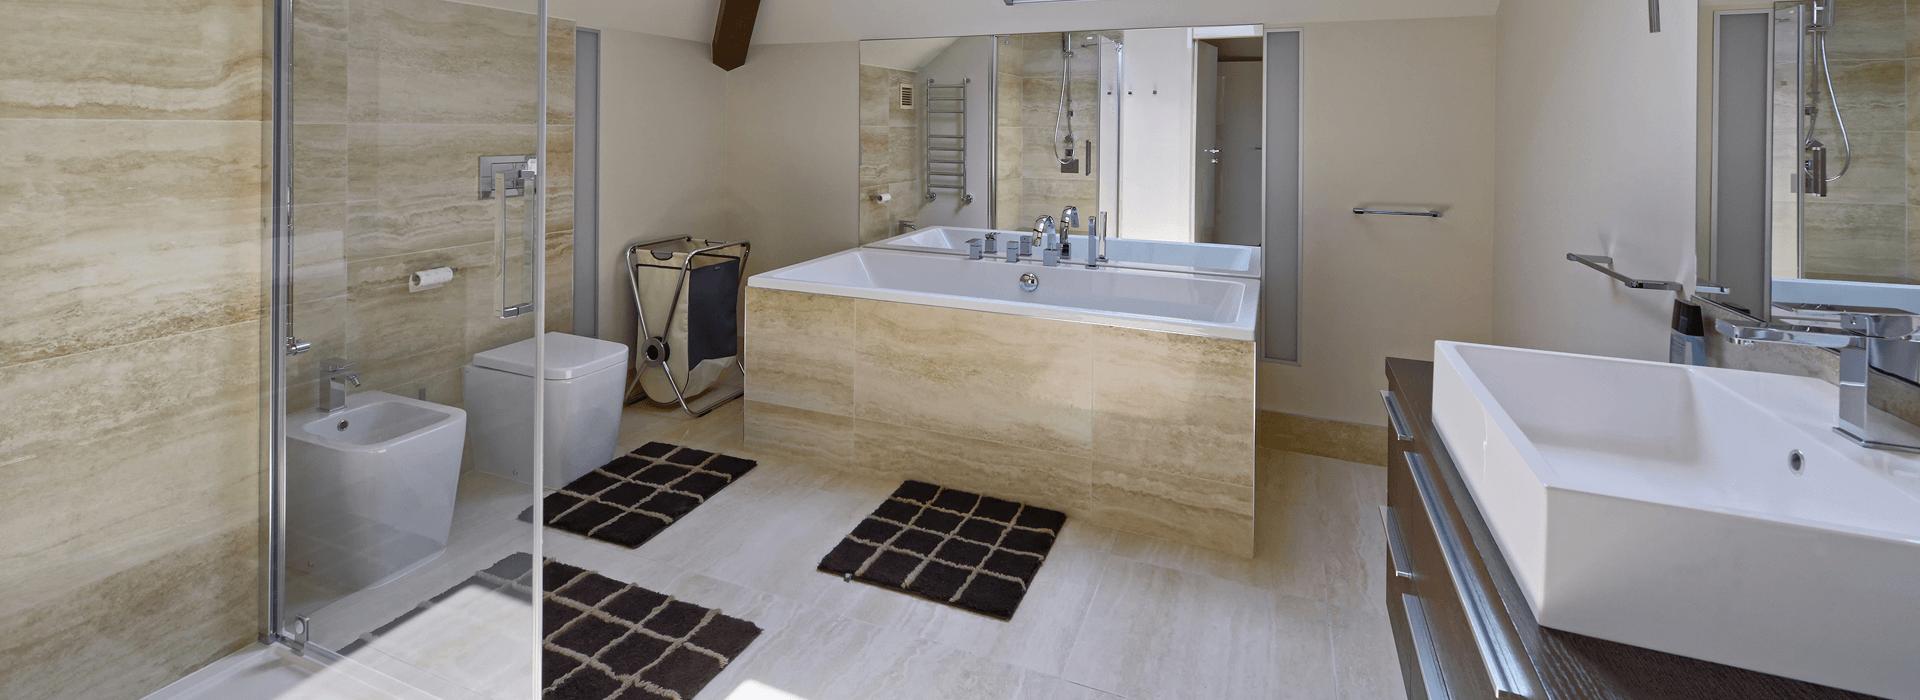 Bathroom remodeling contractor vista contractor in carlsbad encinitas for Bathroom addition contractors